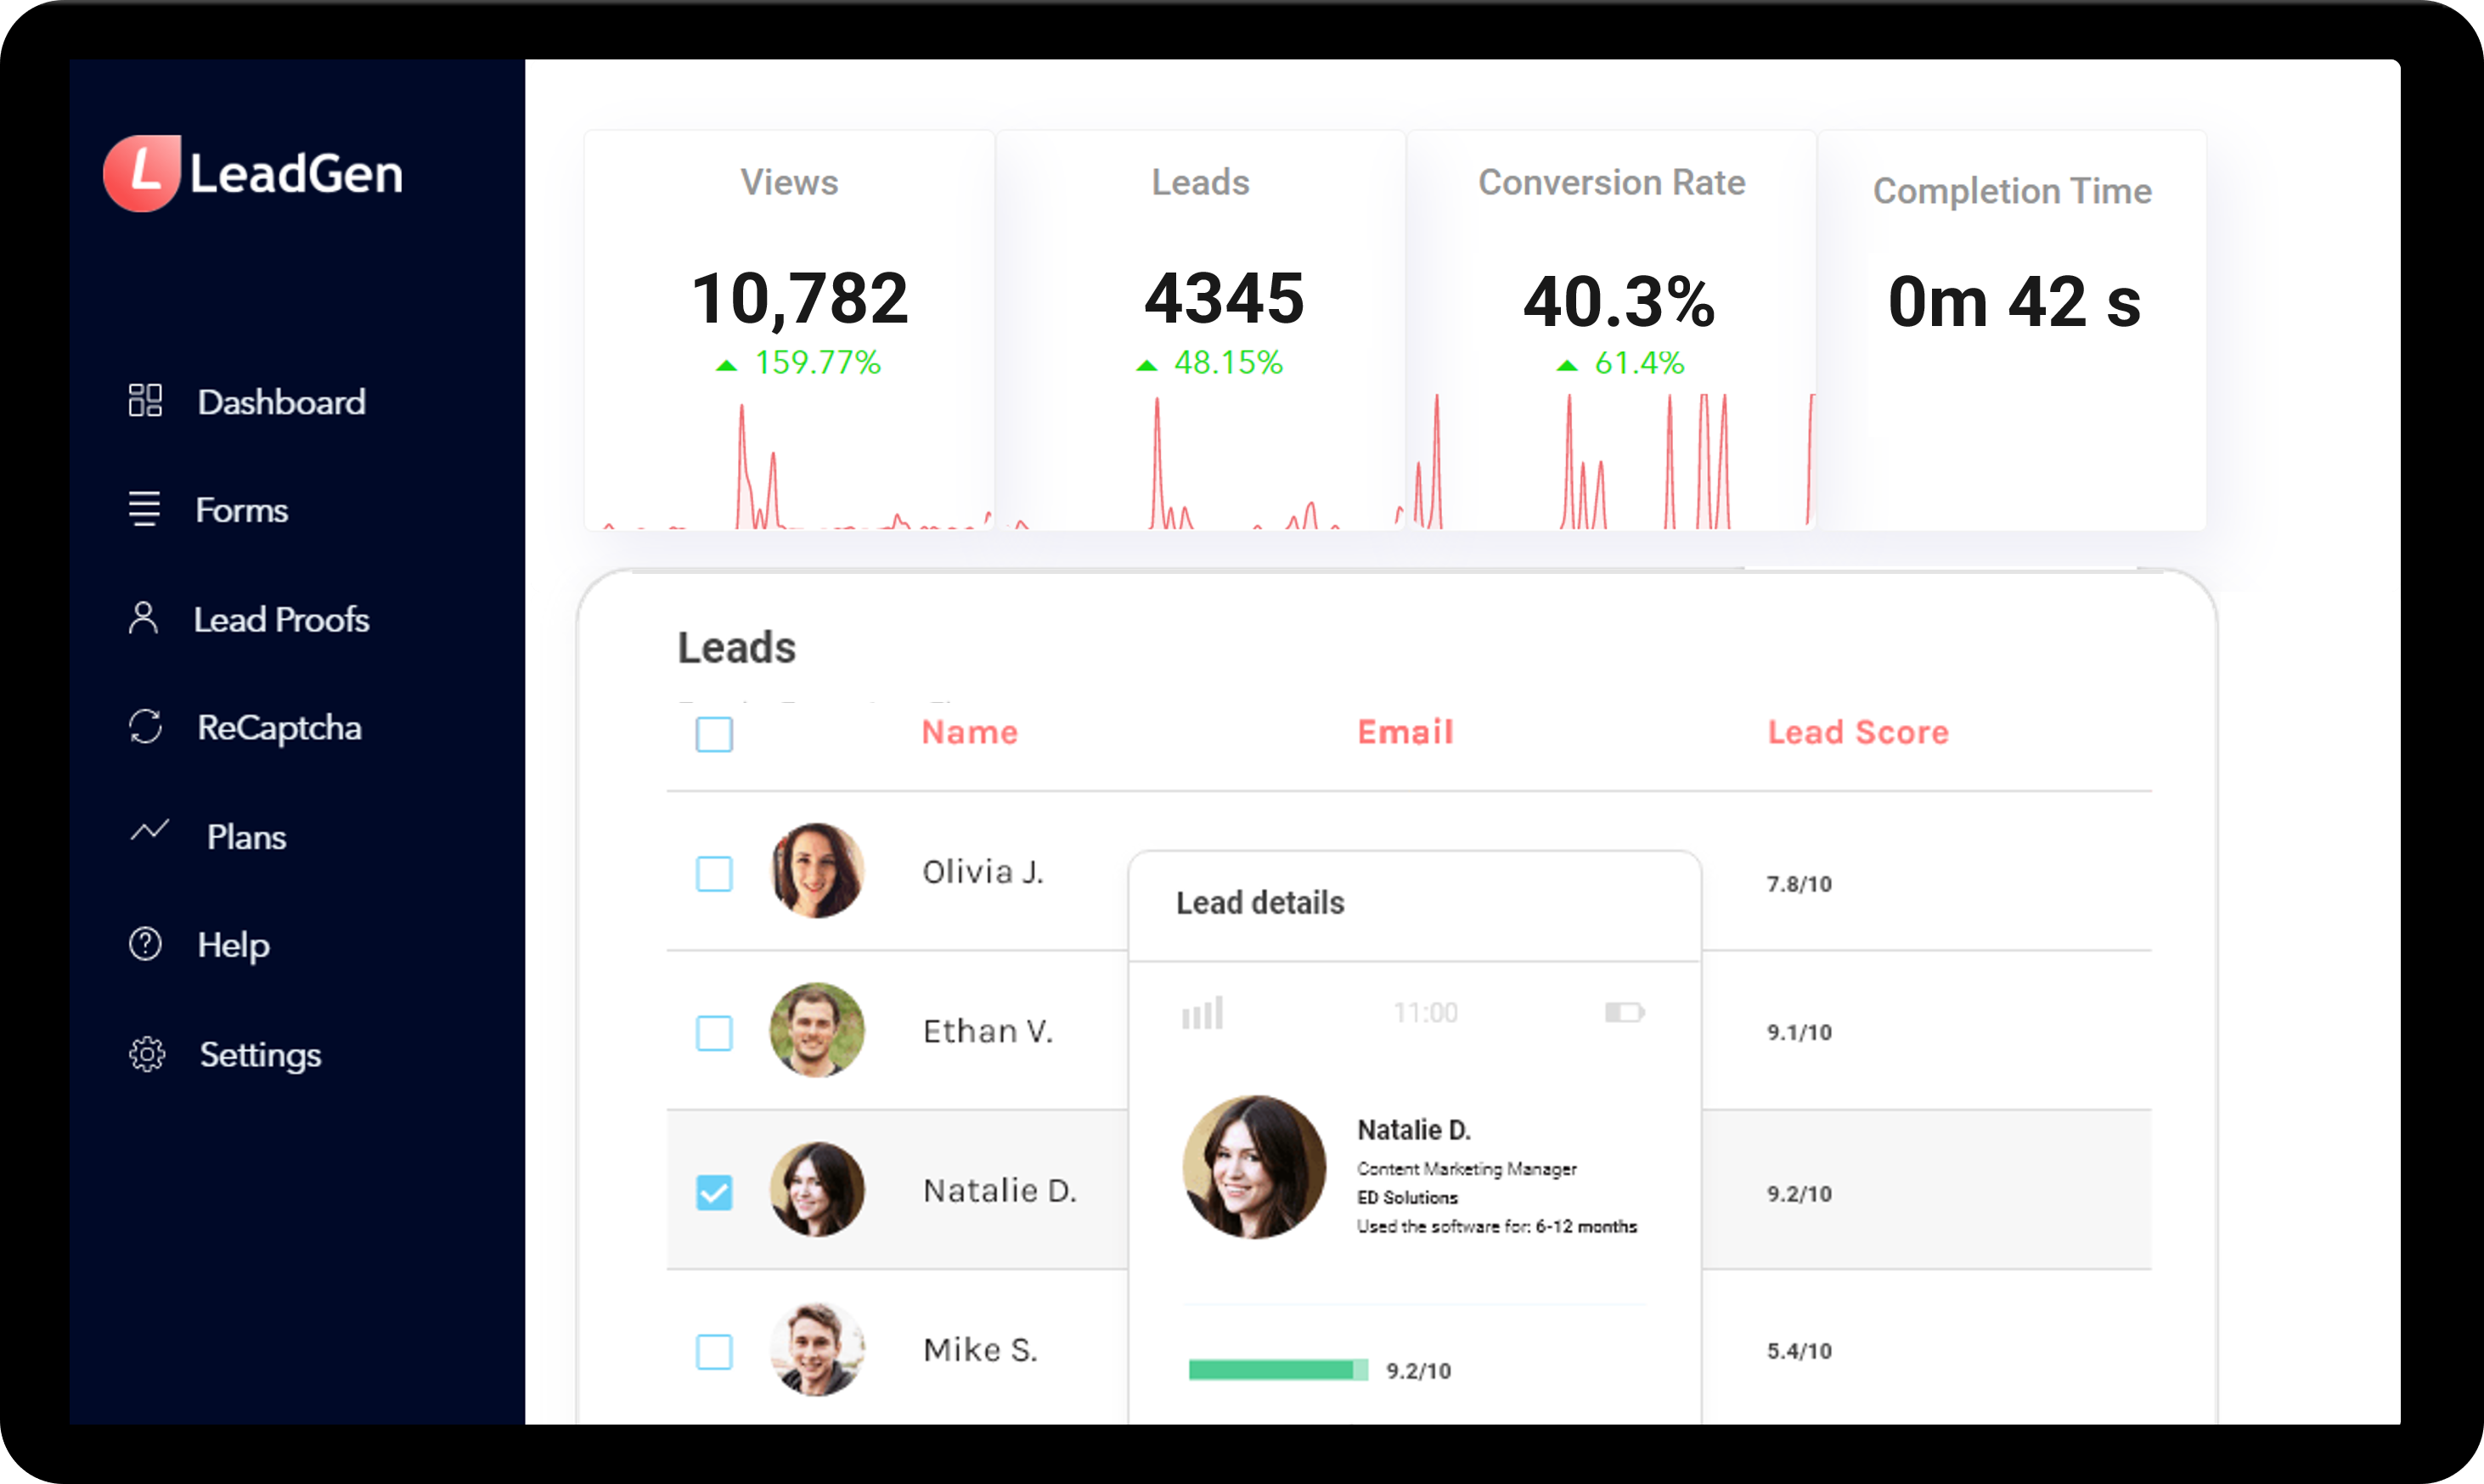 Online form-builder platform for lead generation